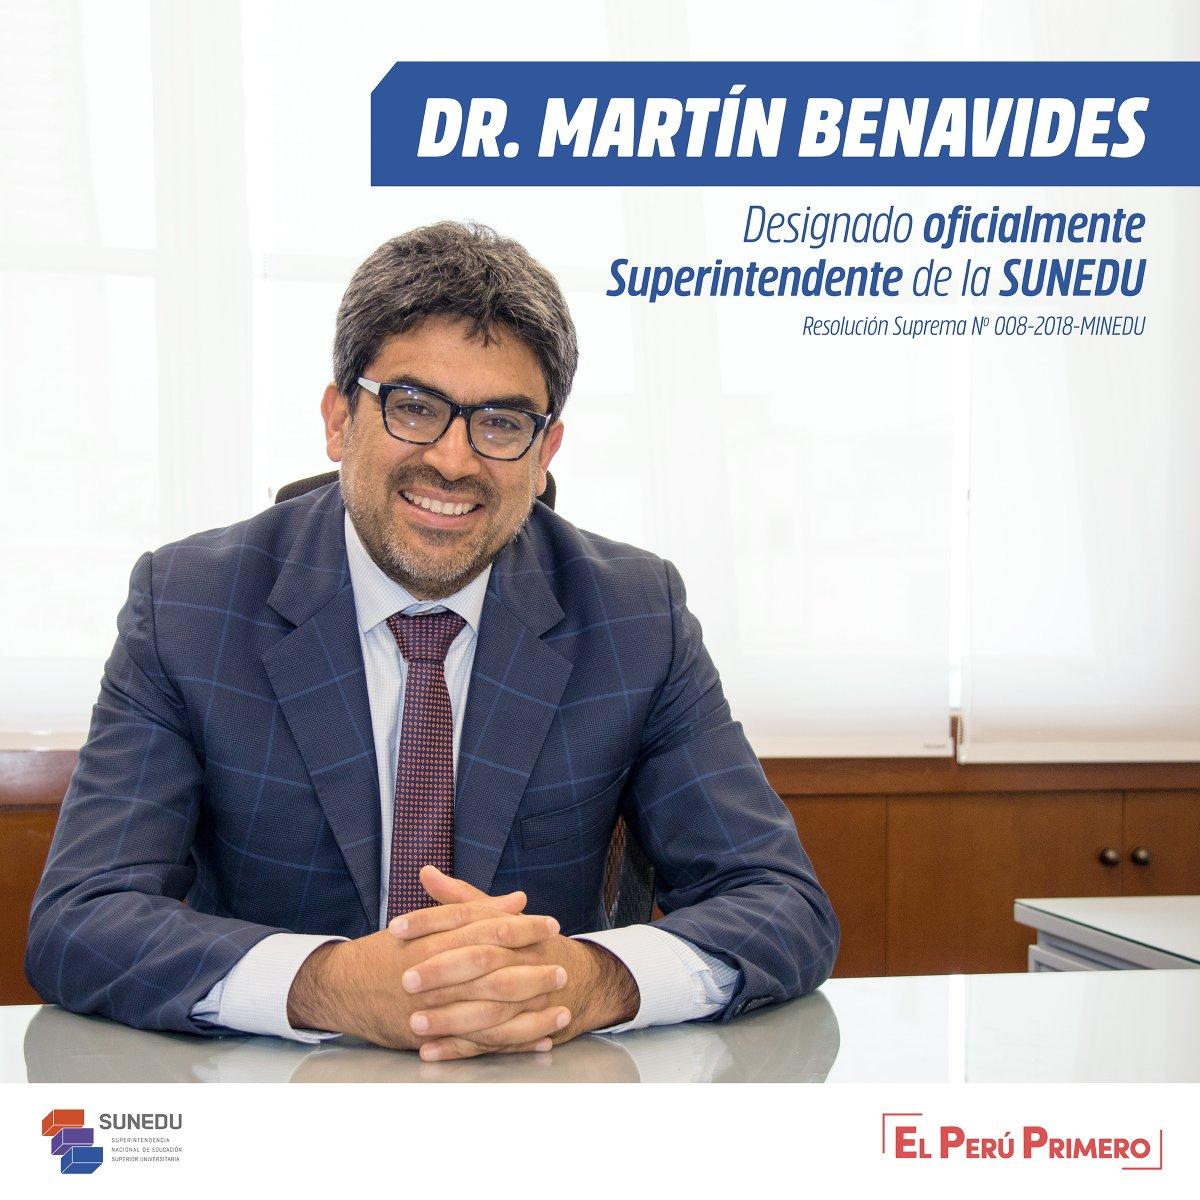 Posible fraude por uso de título de doctor de César Acuña en el Perú no habilitado por Universidad Complutense